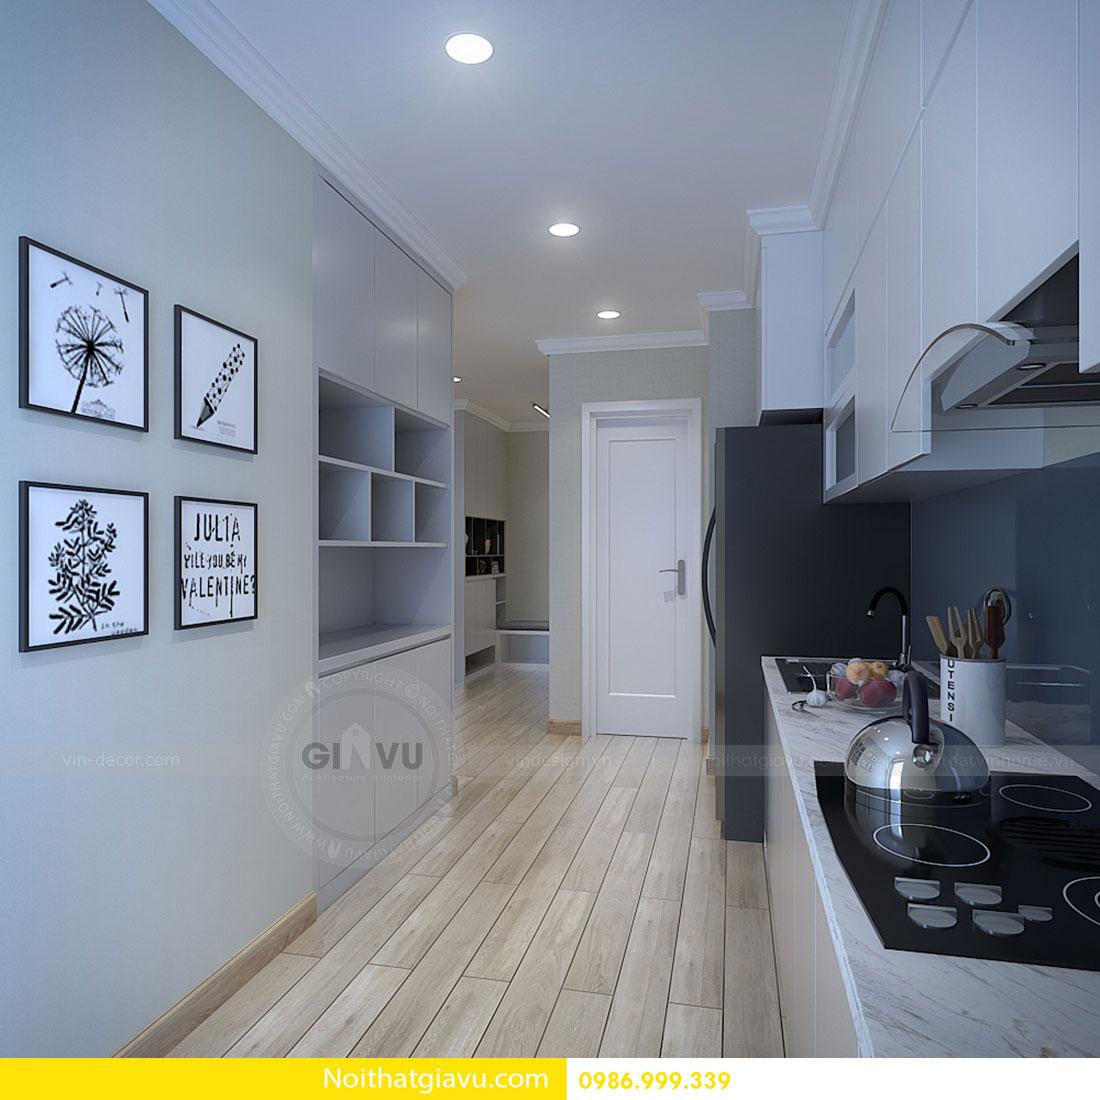 Chung cư Green Bay tận hưởng không gian nội thất sang trọng, tiện nghi 6